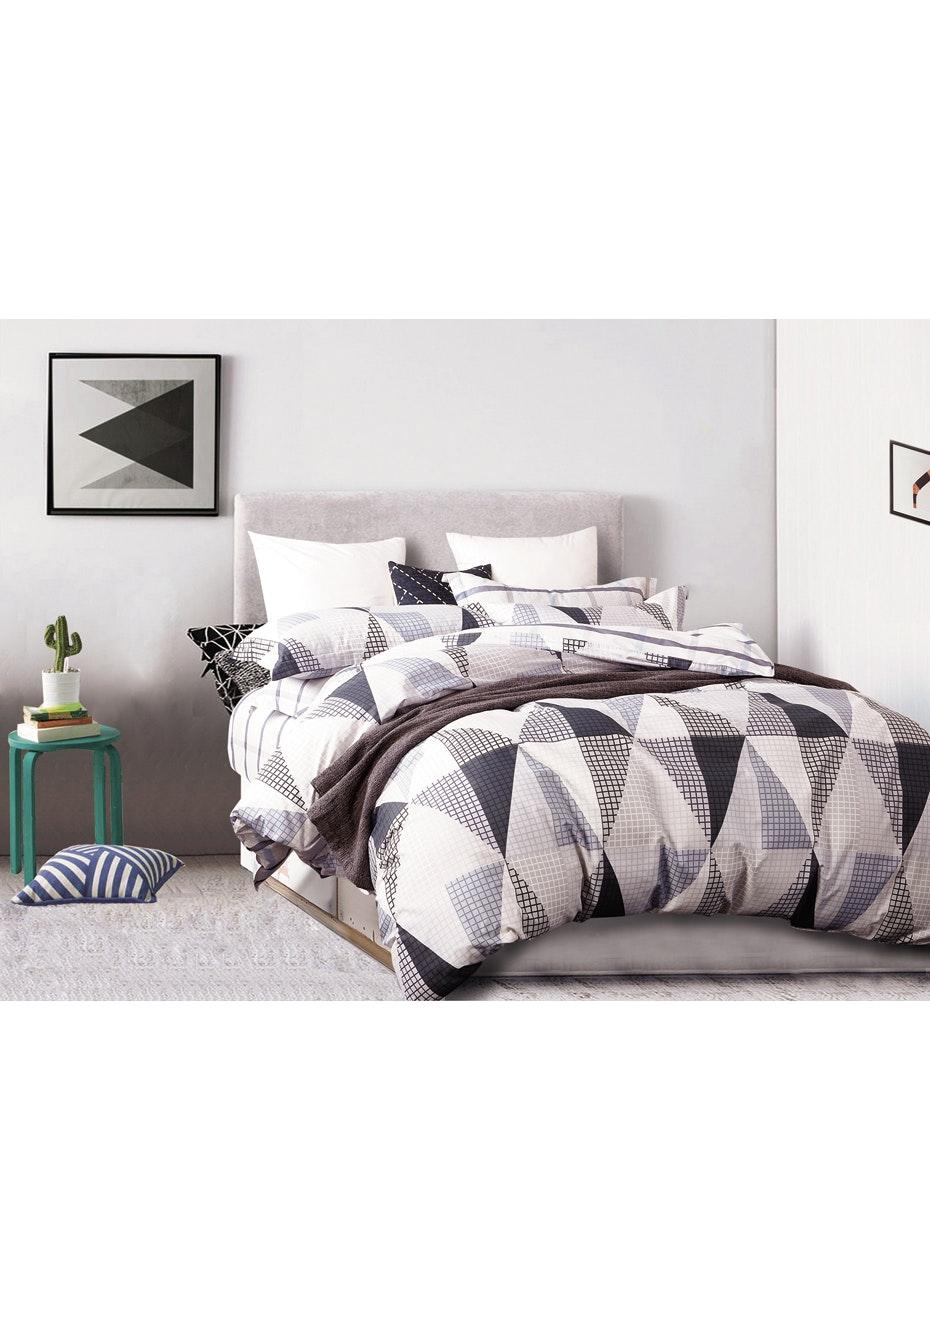 Altona Quilt Cover Set - Reversible Design - 100% Cotton - King Bed